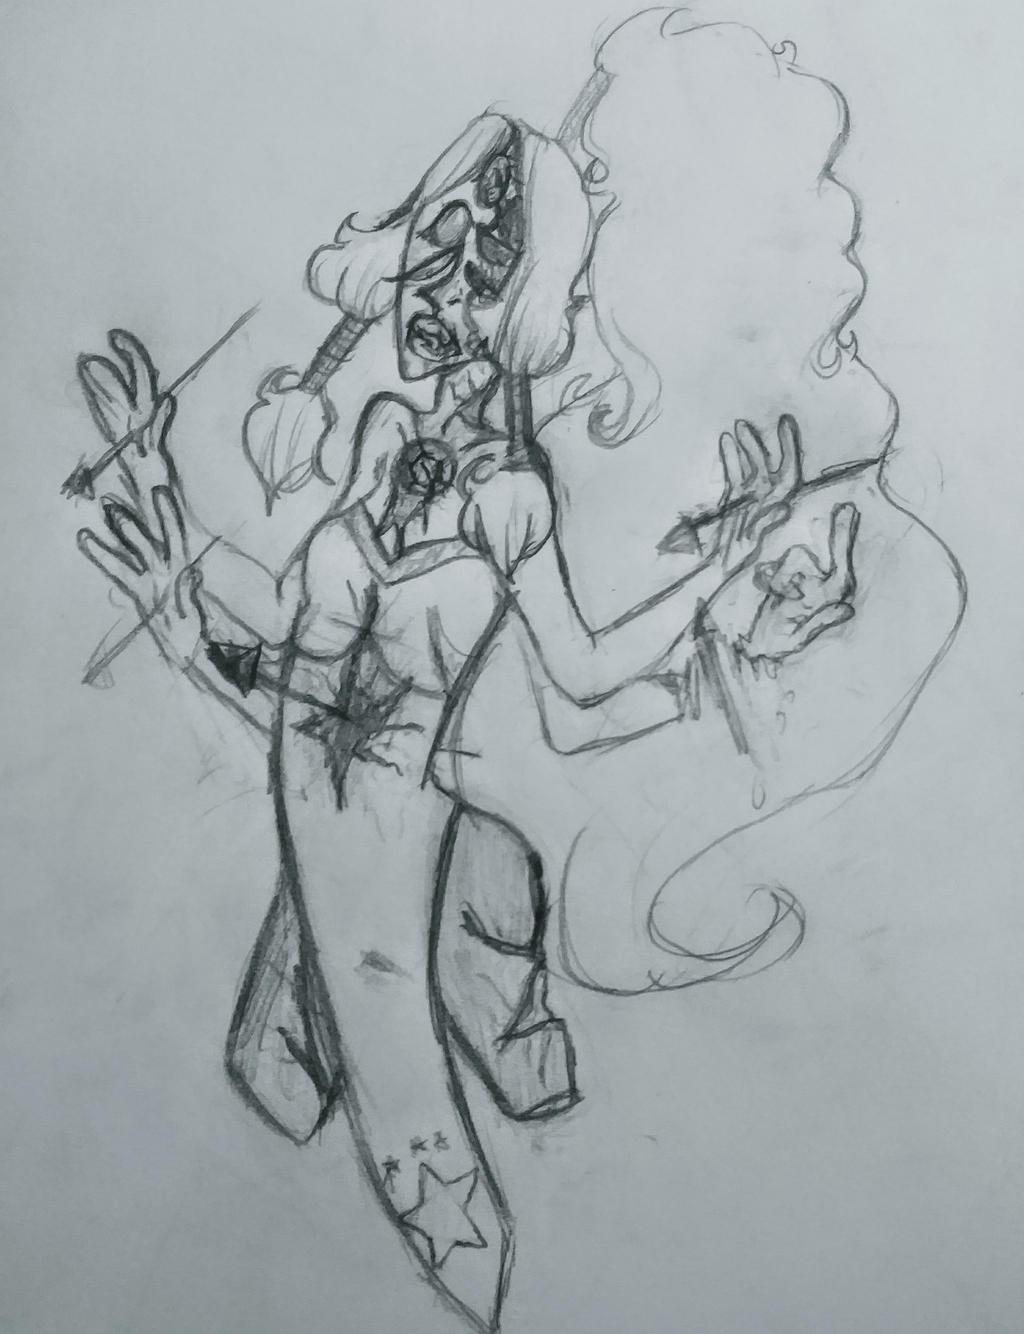 Spoopy Opal by Devilishkitty21